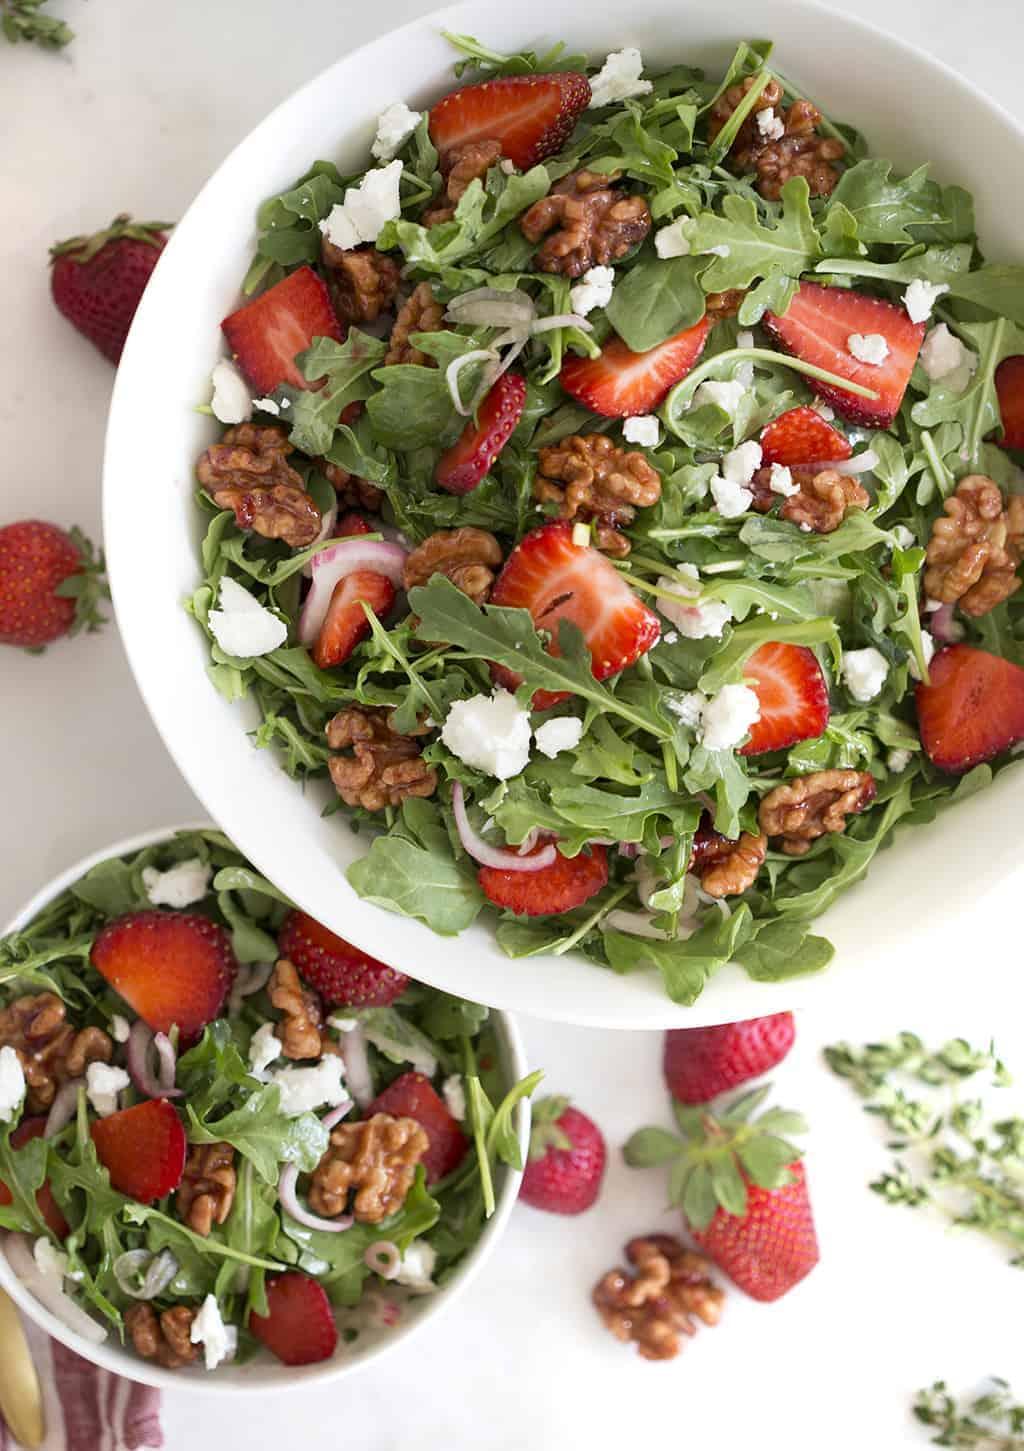 Walnut Strawberry Salad